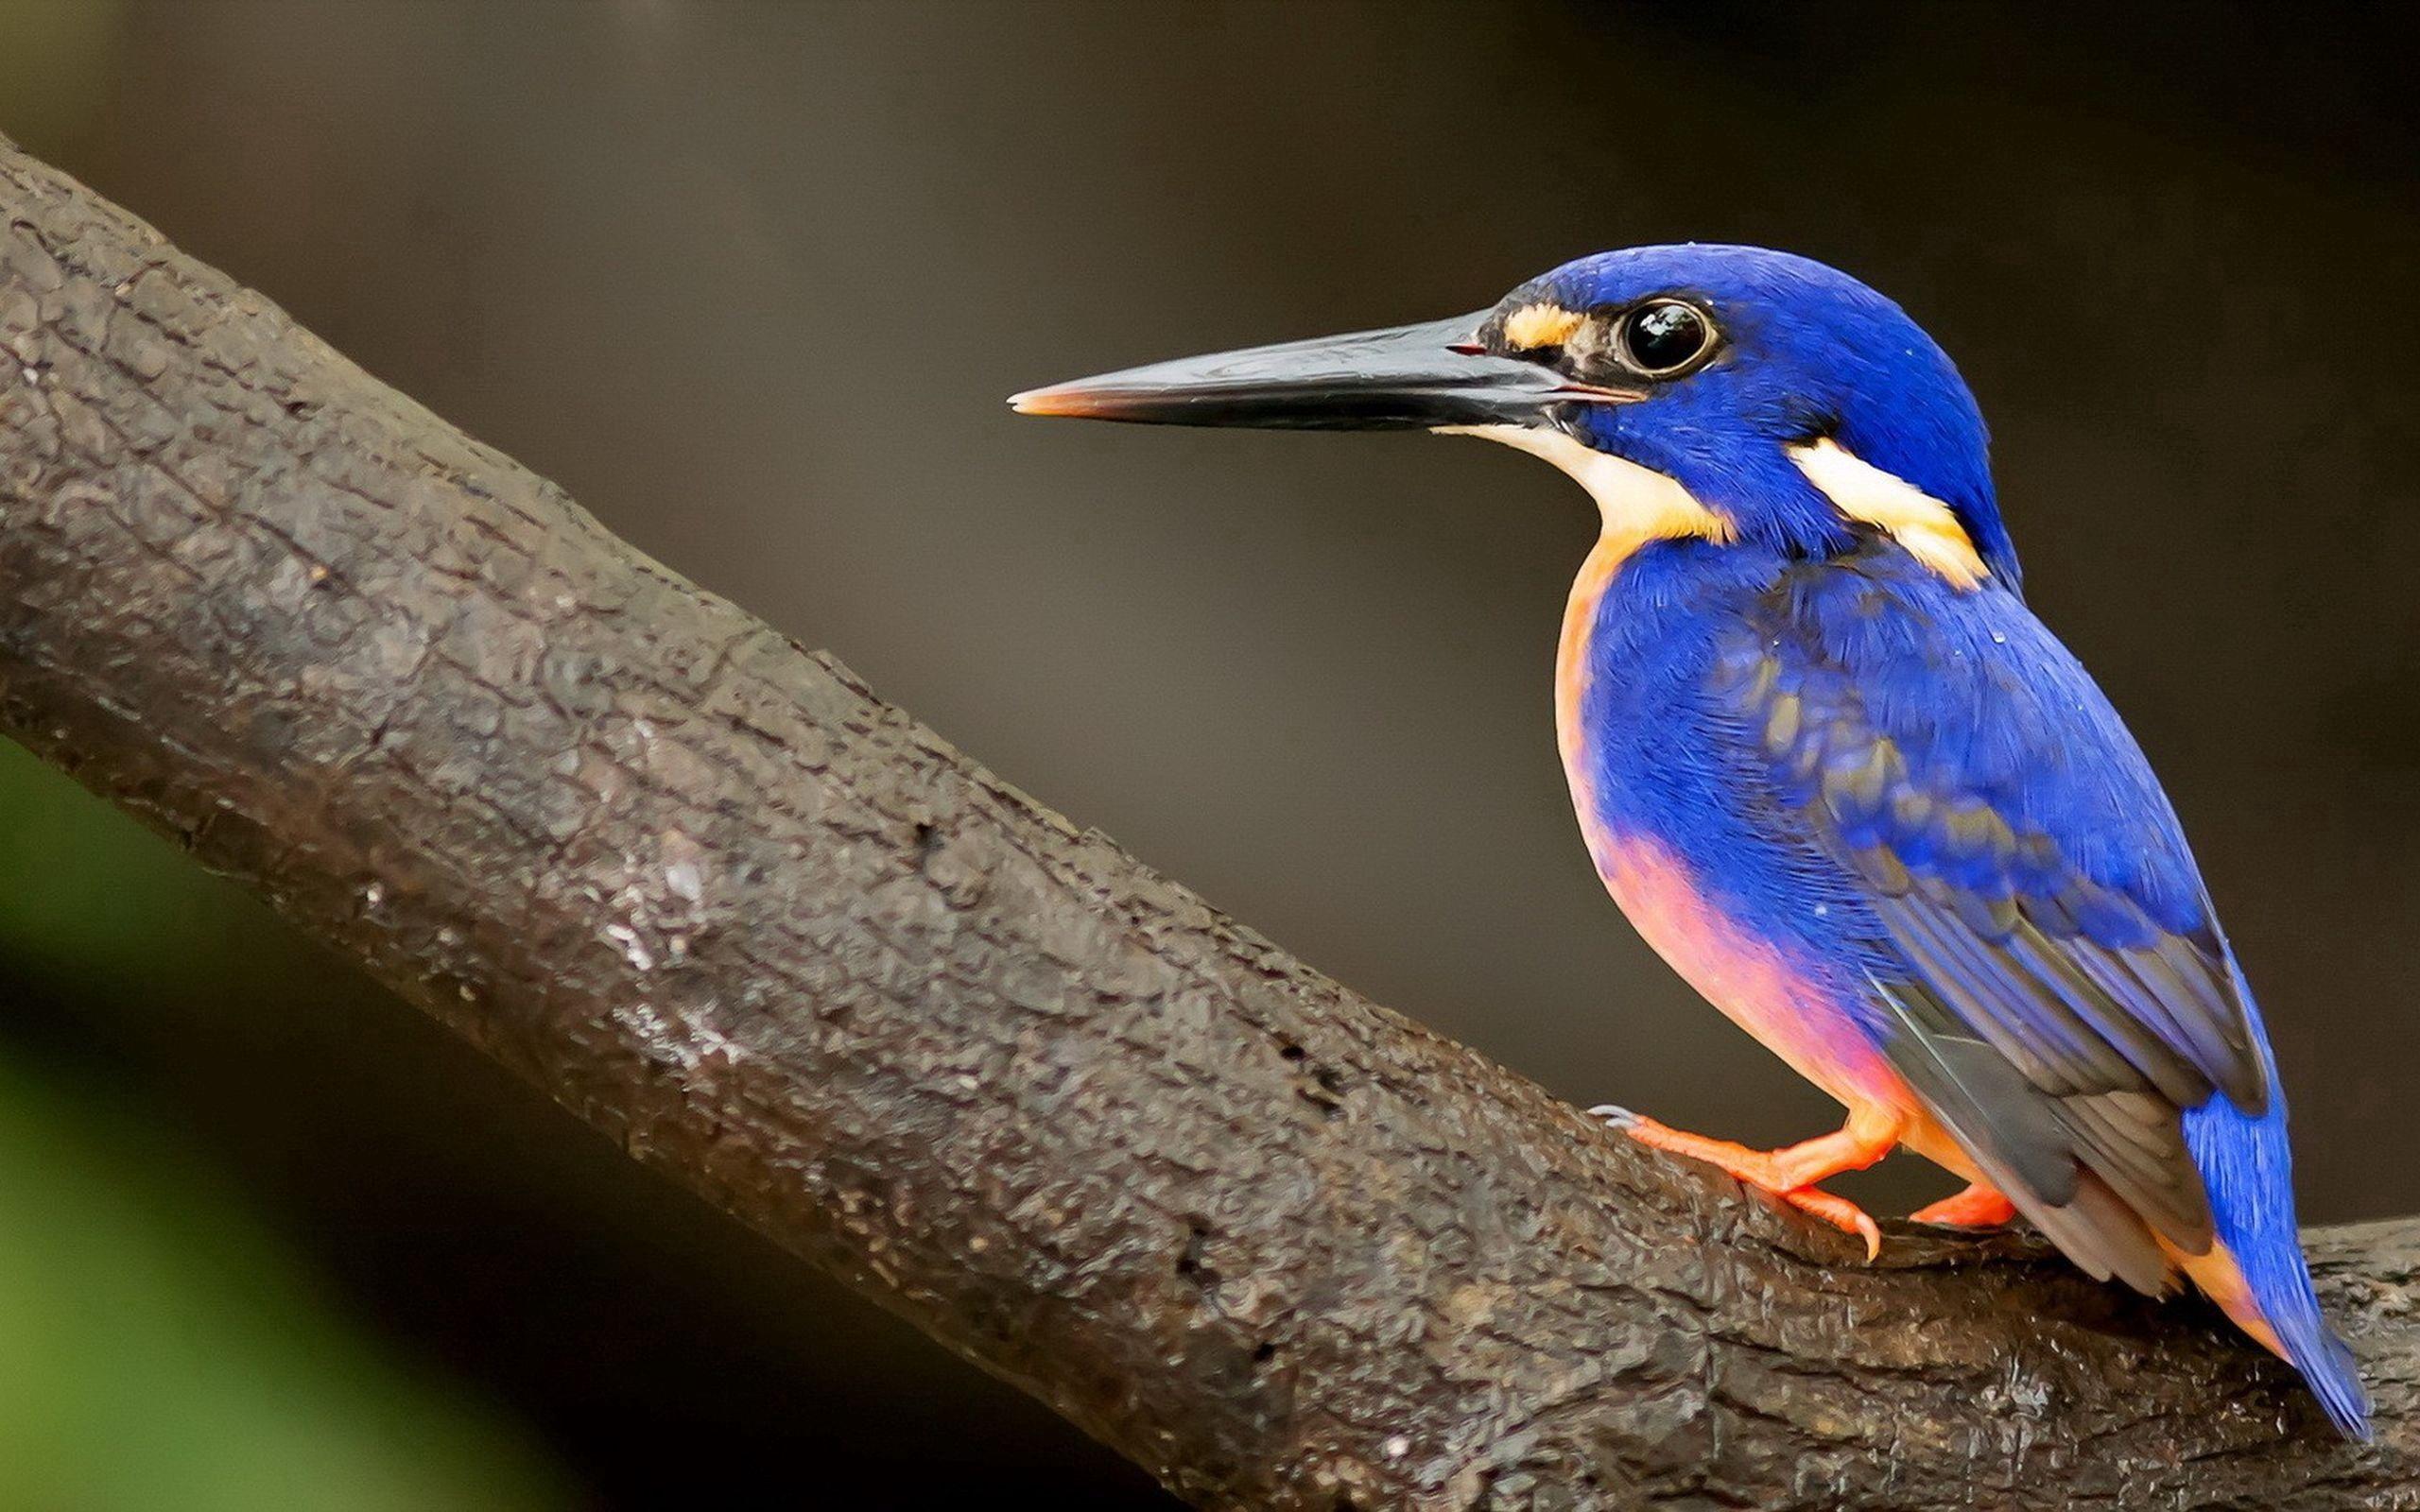 100140 Hintergrundbild herunterladen Tiere, Vogel, Schnabel, Eisvogel, Kingfisher - Bildschirmschoner und Bilder kostenlos